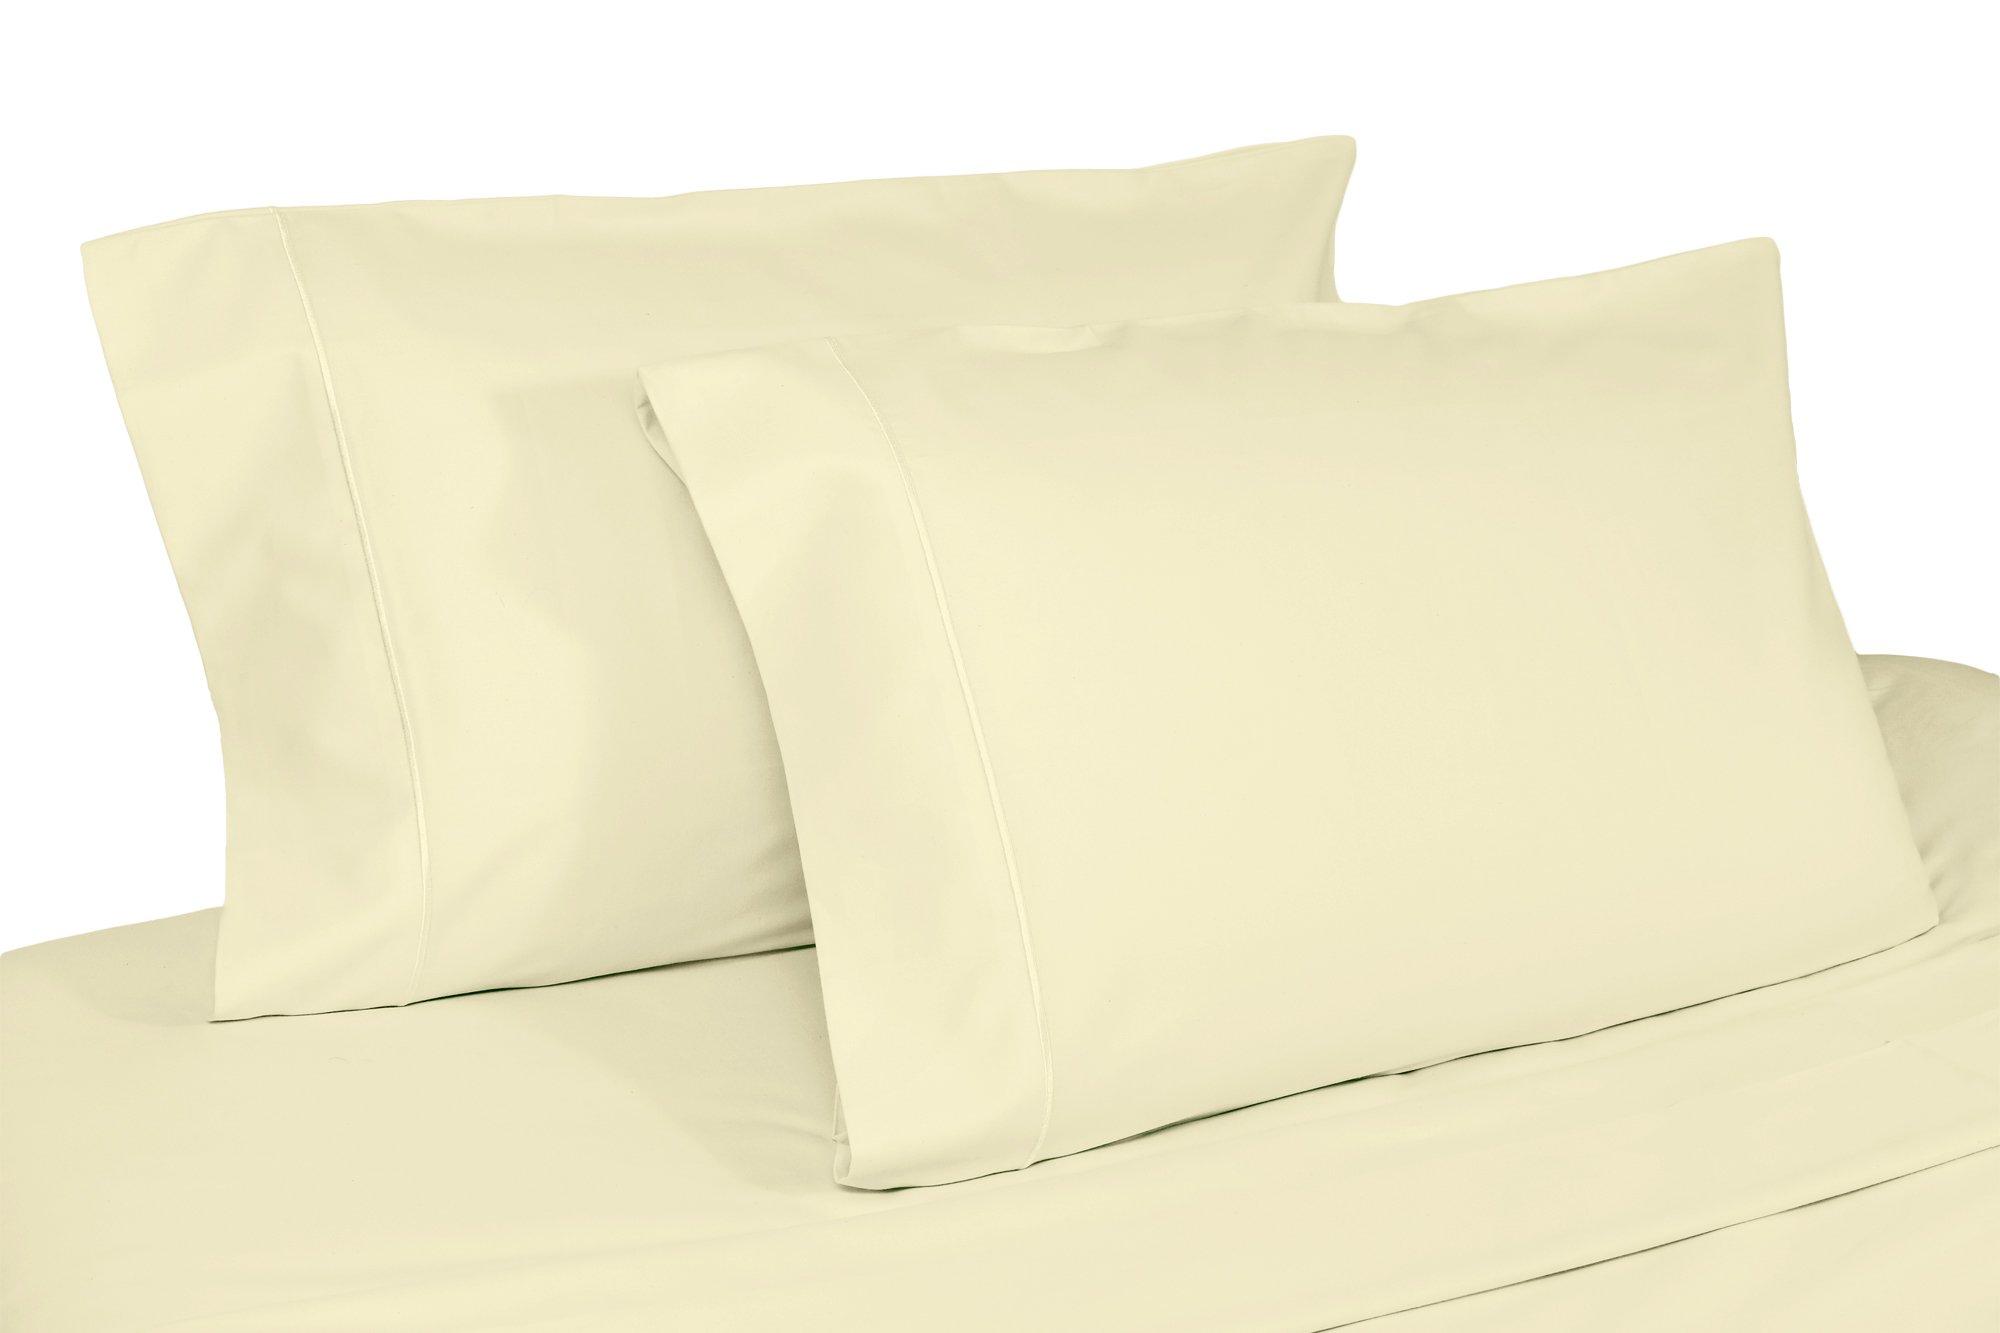 Whisper Organics Organic Cotton Pillow Case Set GOTS Certified, 400 Thread Count, Sateen (Standard, Natural)